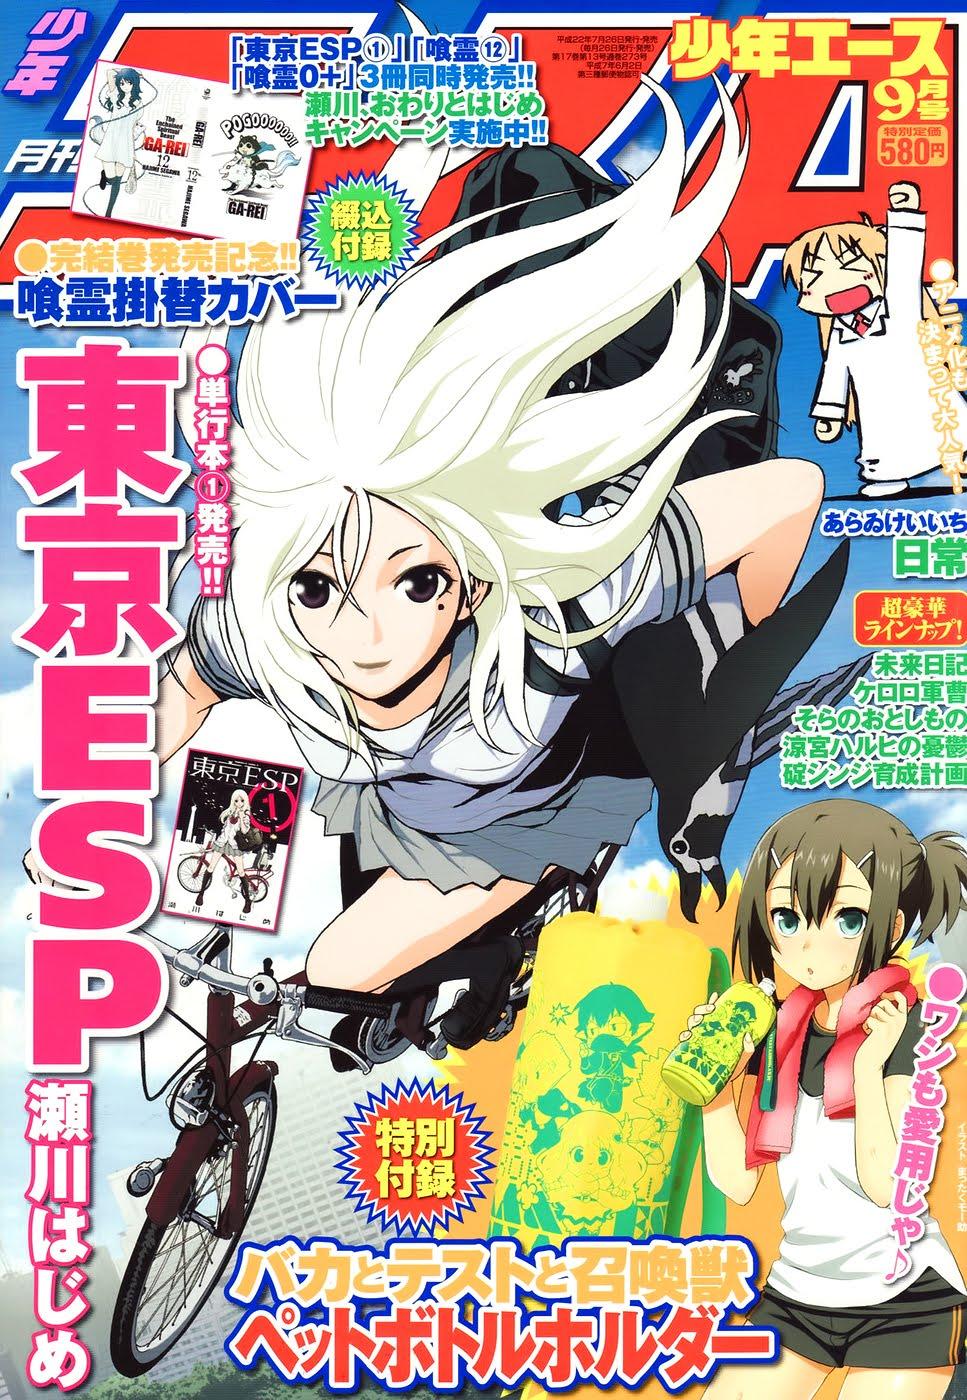 Tokyo ESP capa de uma edição da Shounen Ace.